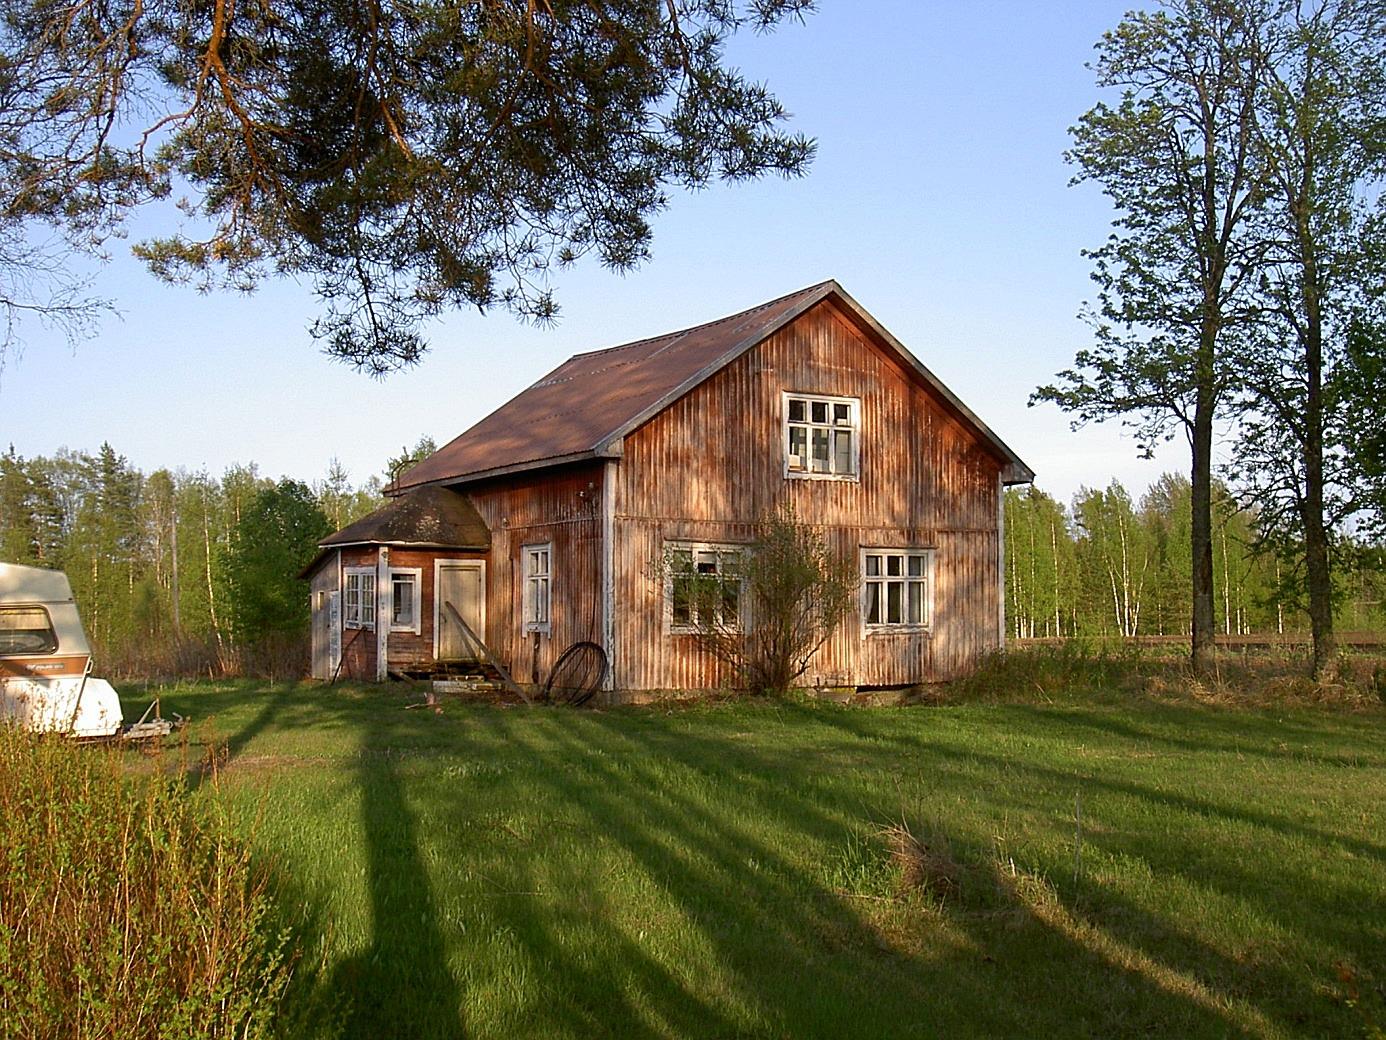 Det här huset byggde Frans och Elna Lindfors år 1945, på samma ställe där den gamla bondgården stod. Timmer från den gamla gården användes vid bygget. Dottern Marlene föddes i detta hus julen 1946, hon gifte sig i januari 1967 med Håkan Utfolk från Påskmark och har sedan dess bott där.